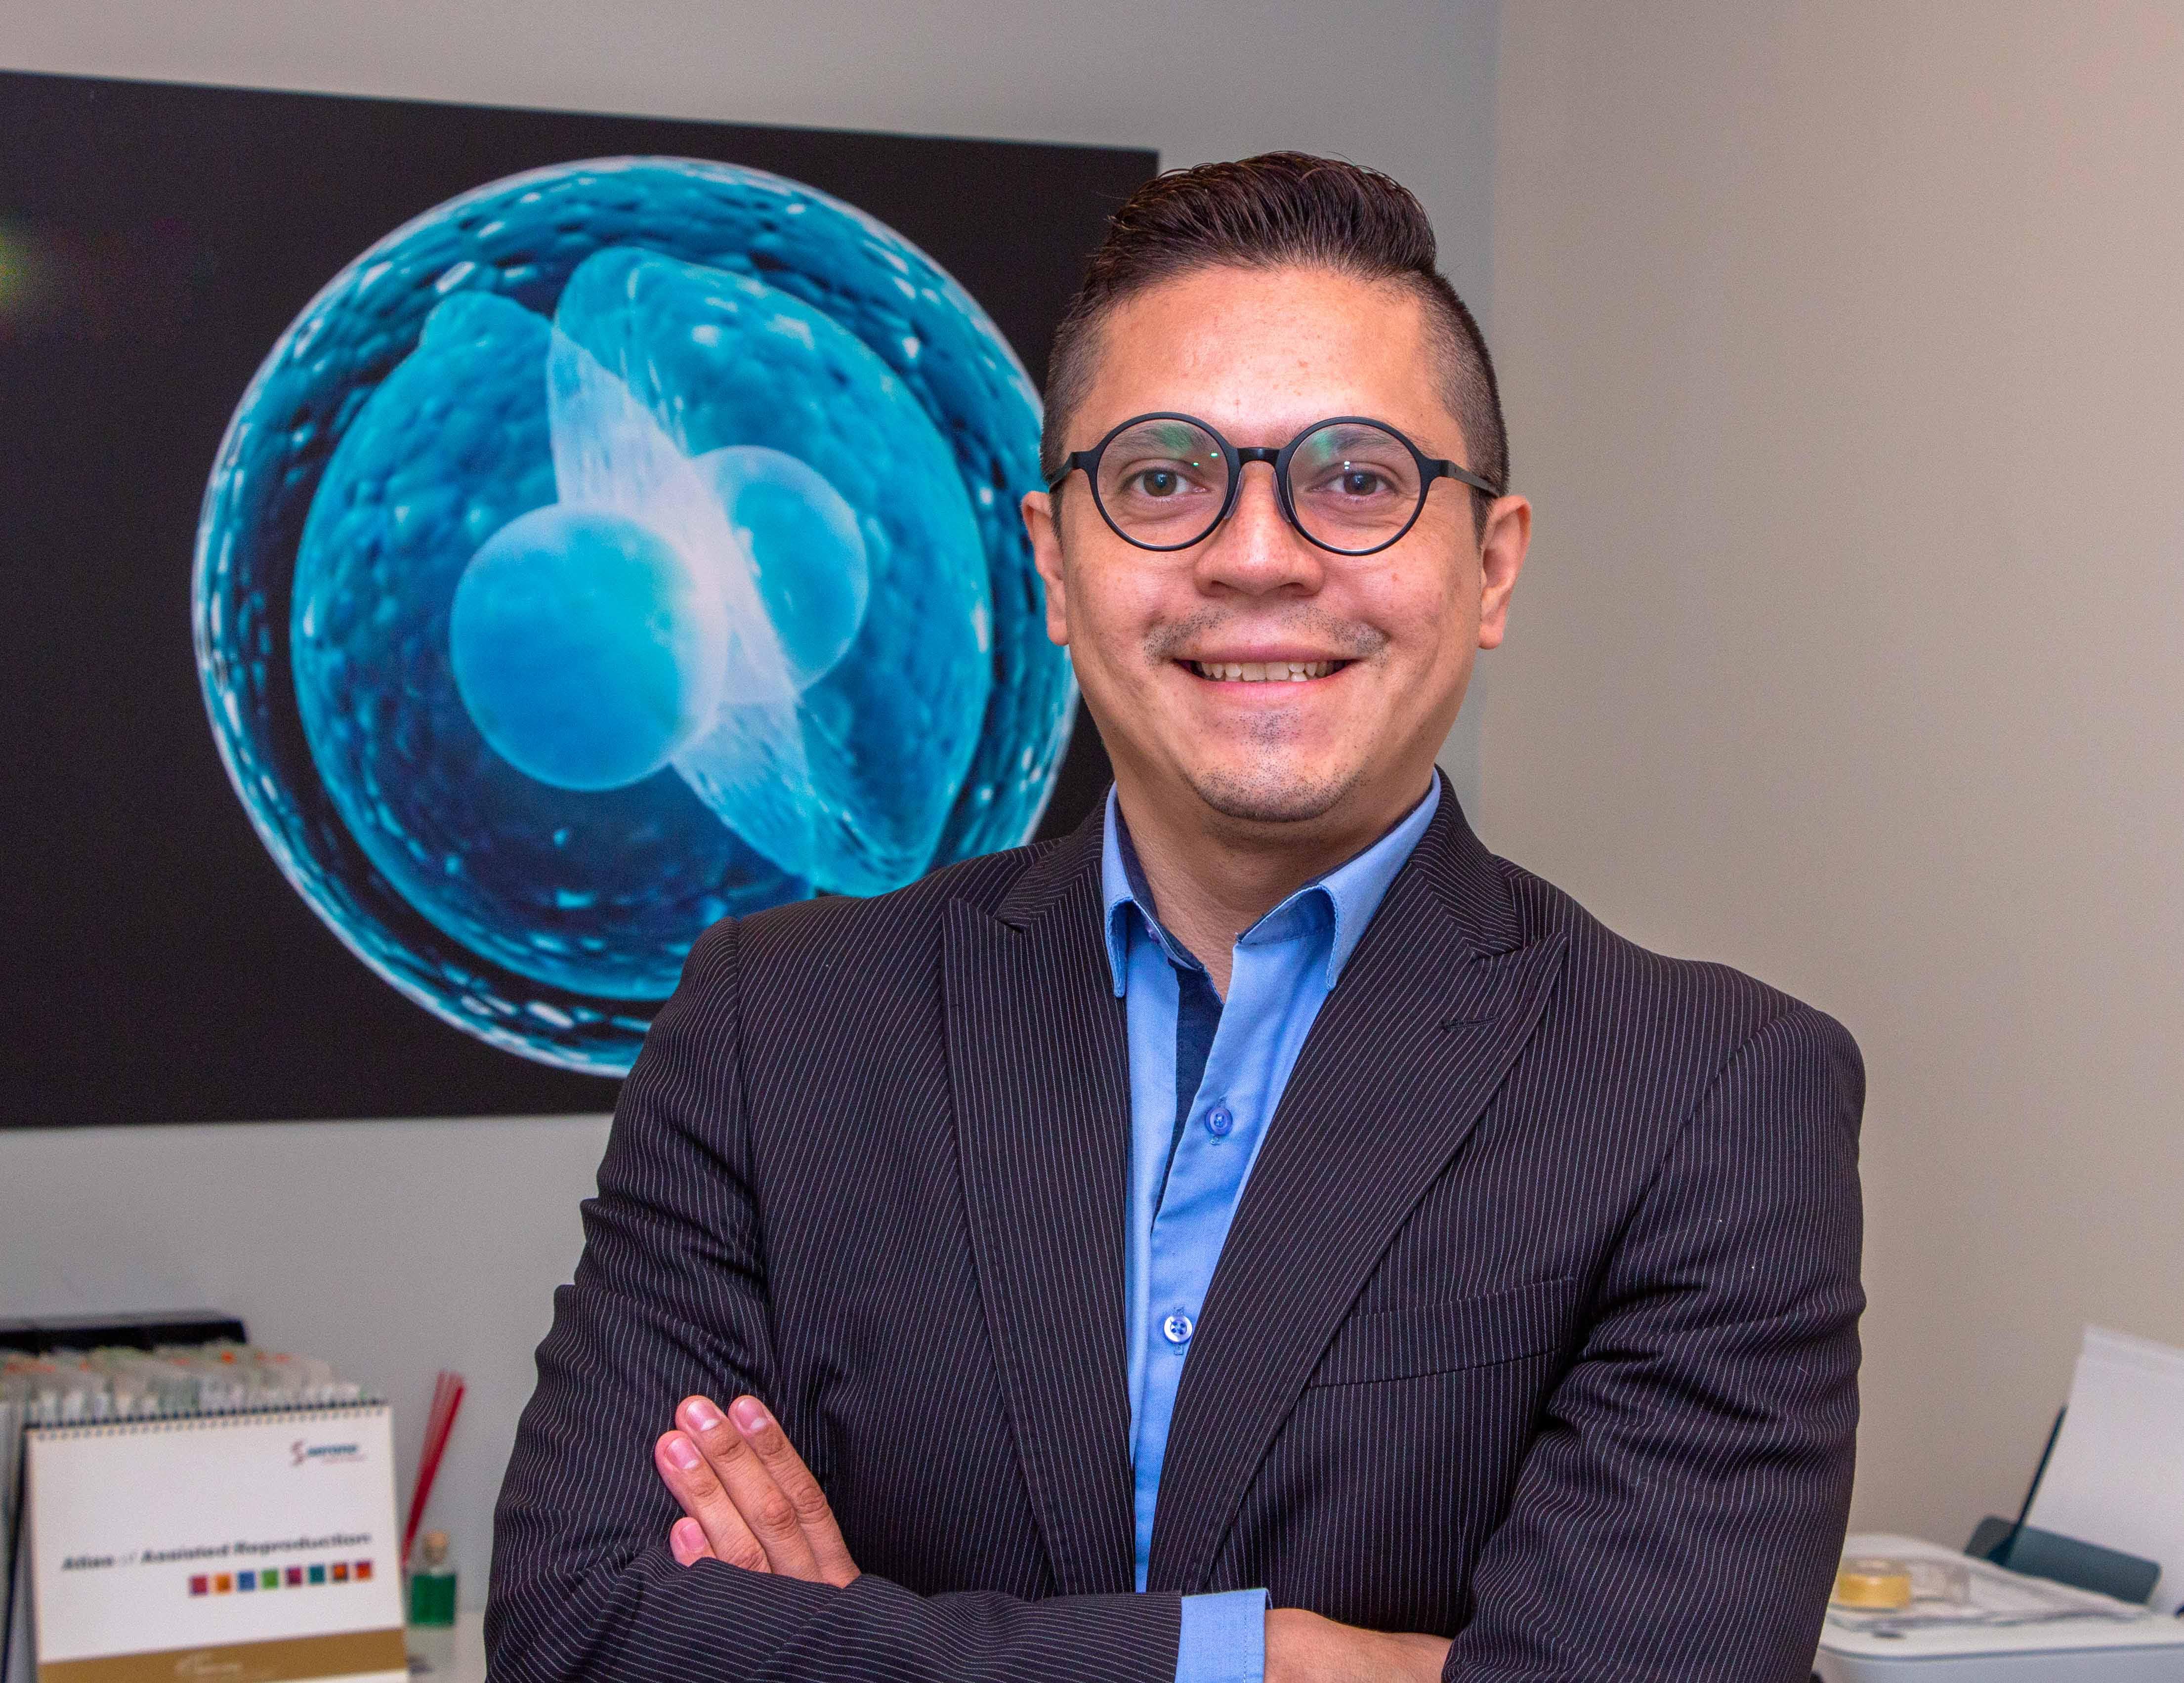 Ernesto Noriega , Program Director